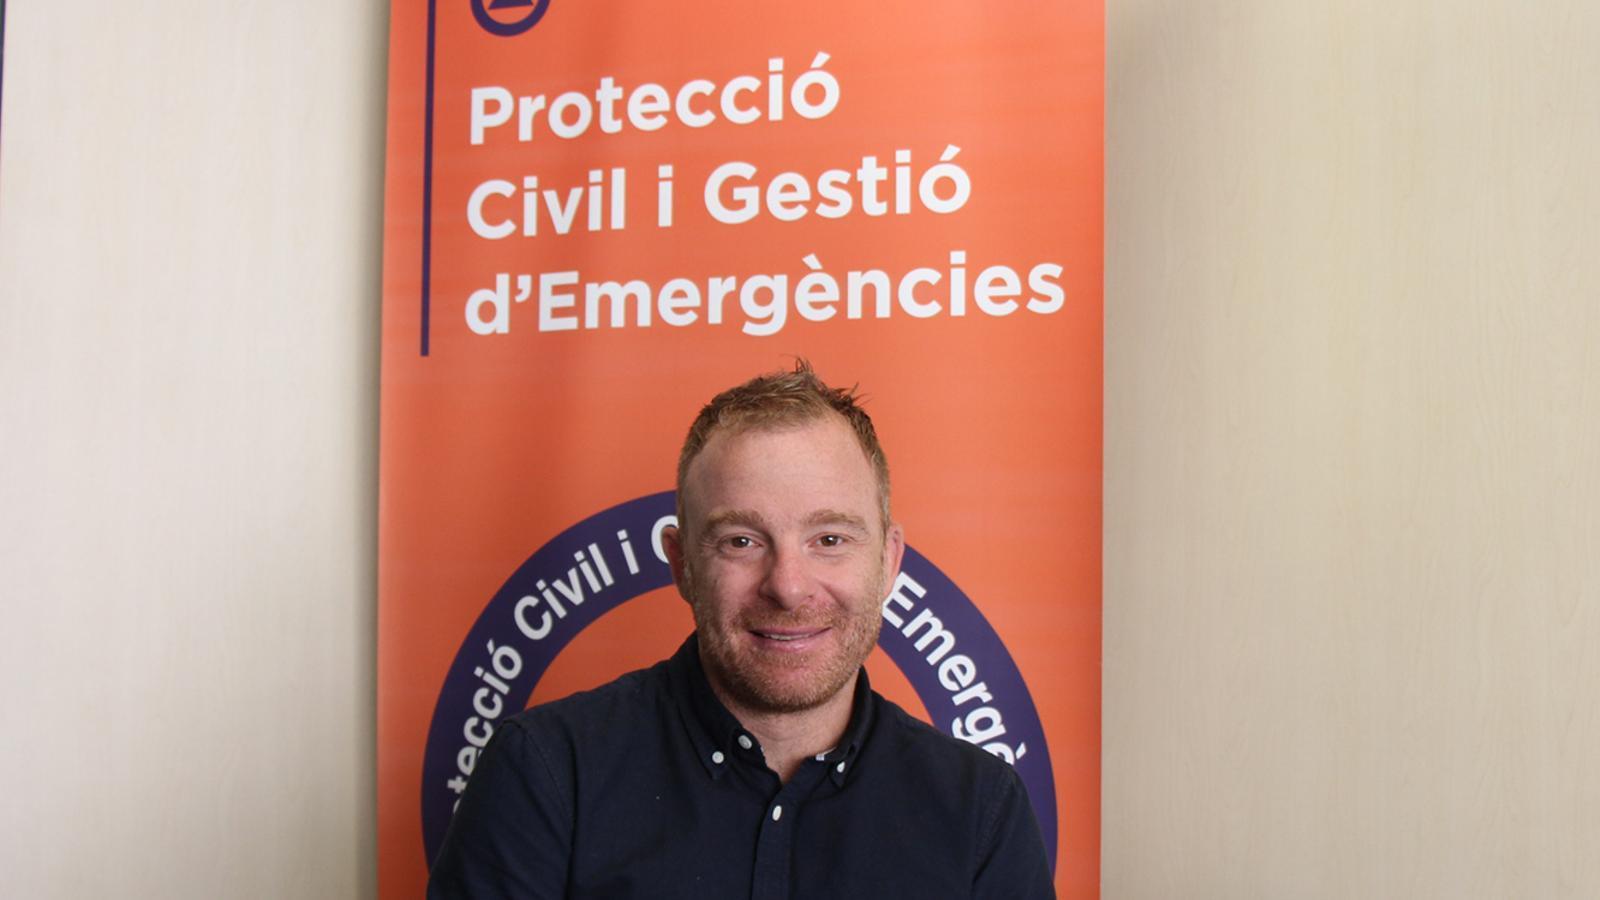 El director del departament de Protecció Civil i Gestió d'Emergències, Cristian Pons. / M. F. (ANA)